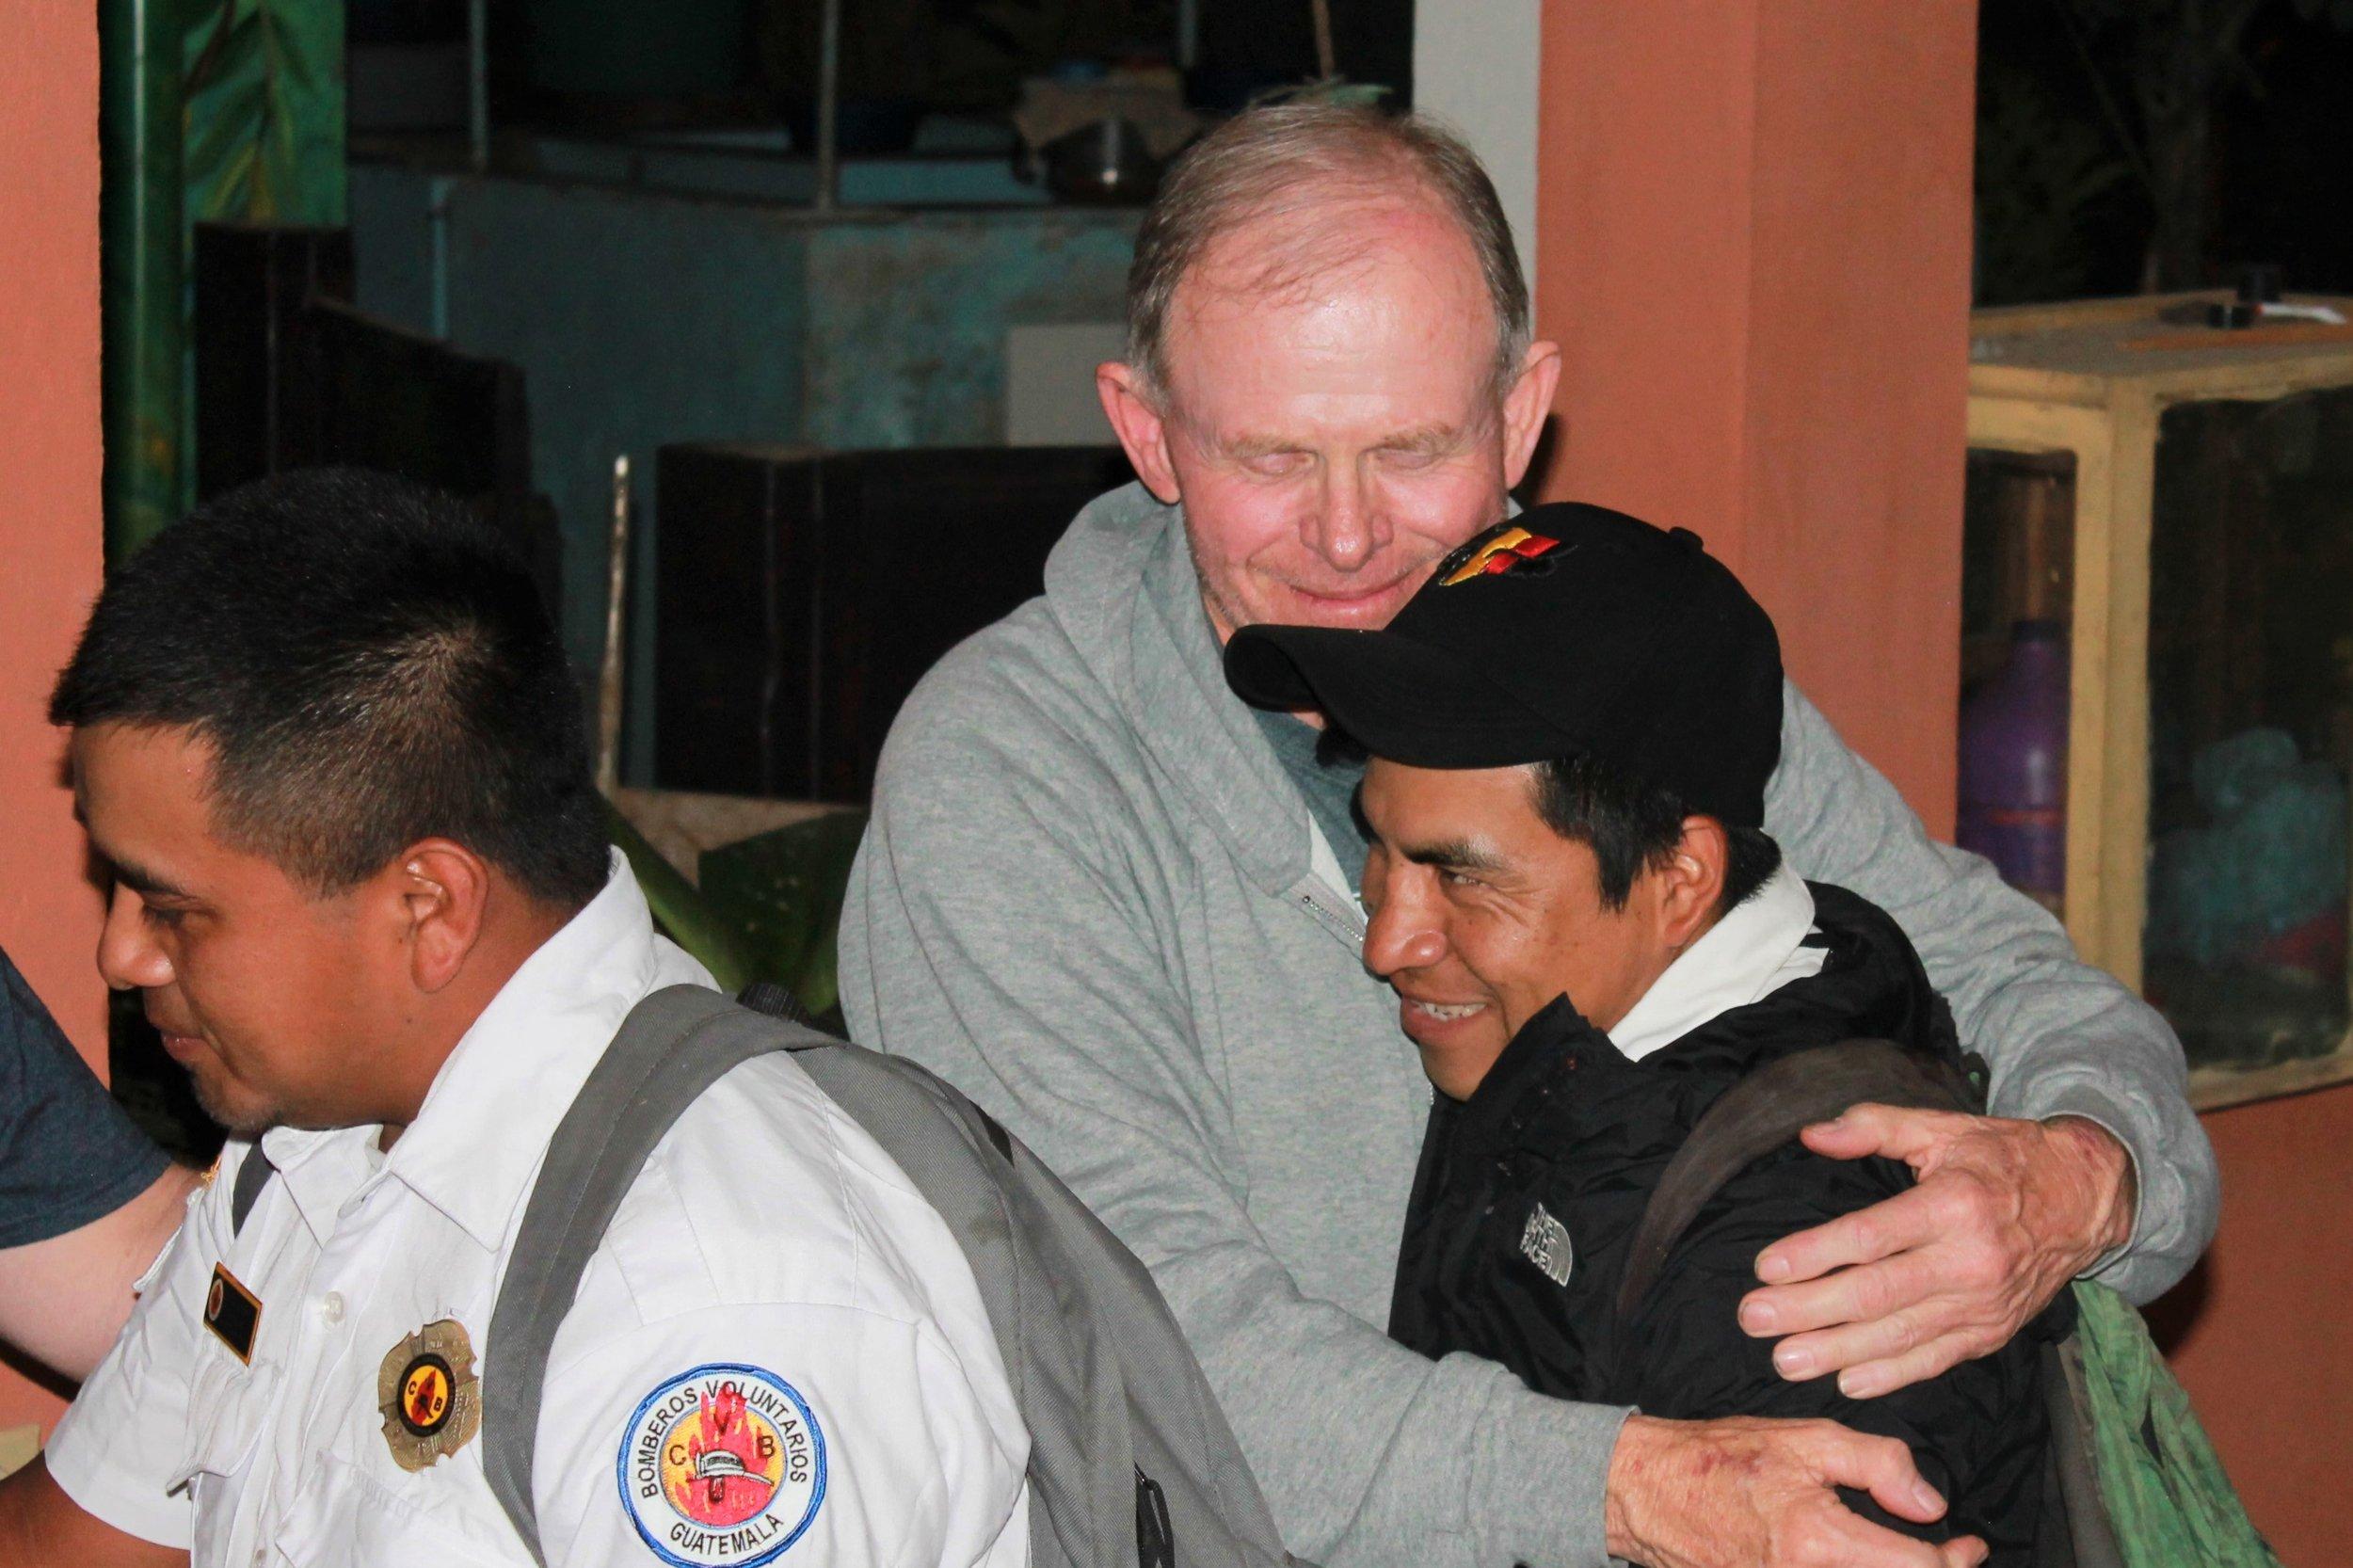 BOB HUG FIRE.JPG